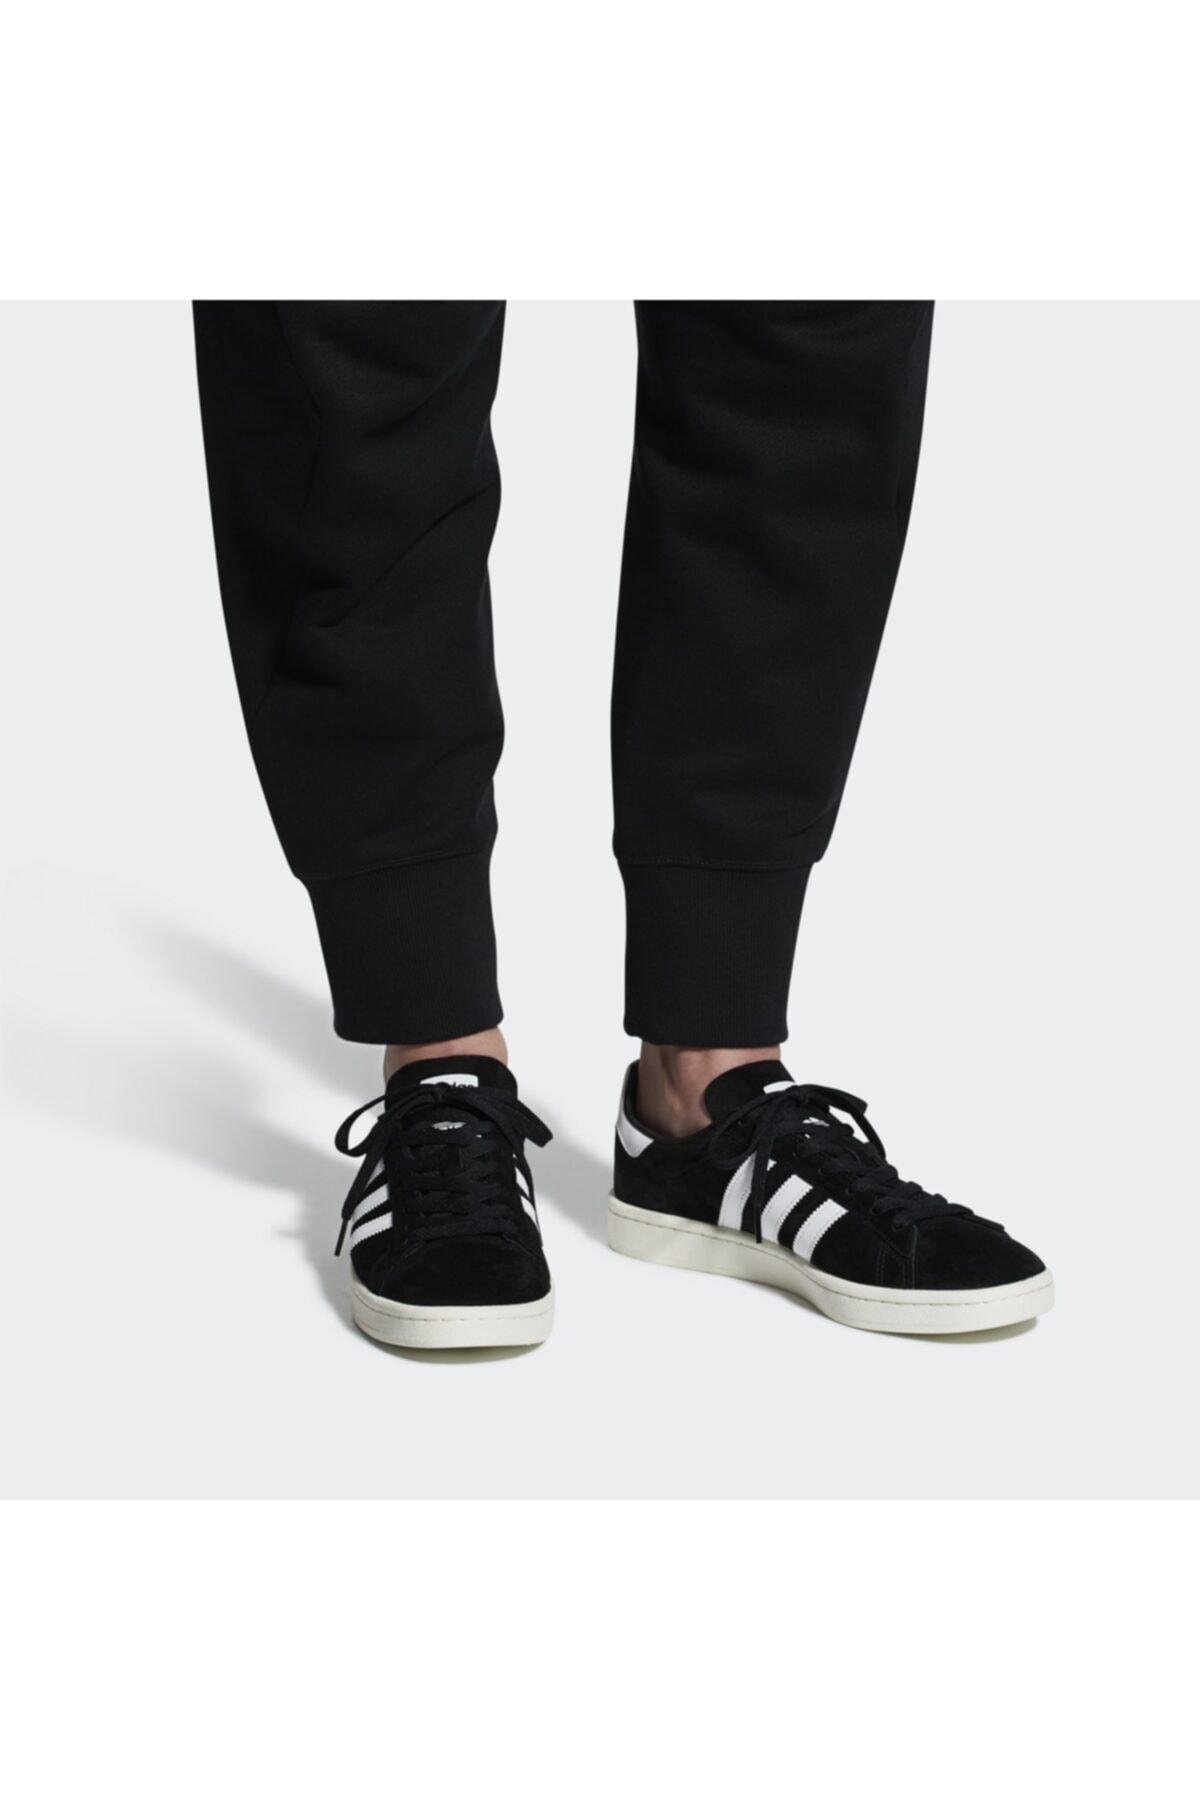 adidas Campus Ayakkabı 2